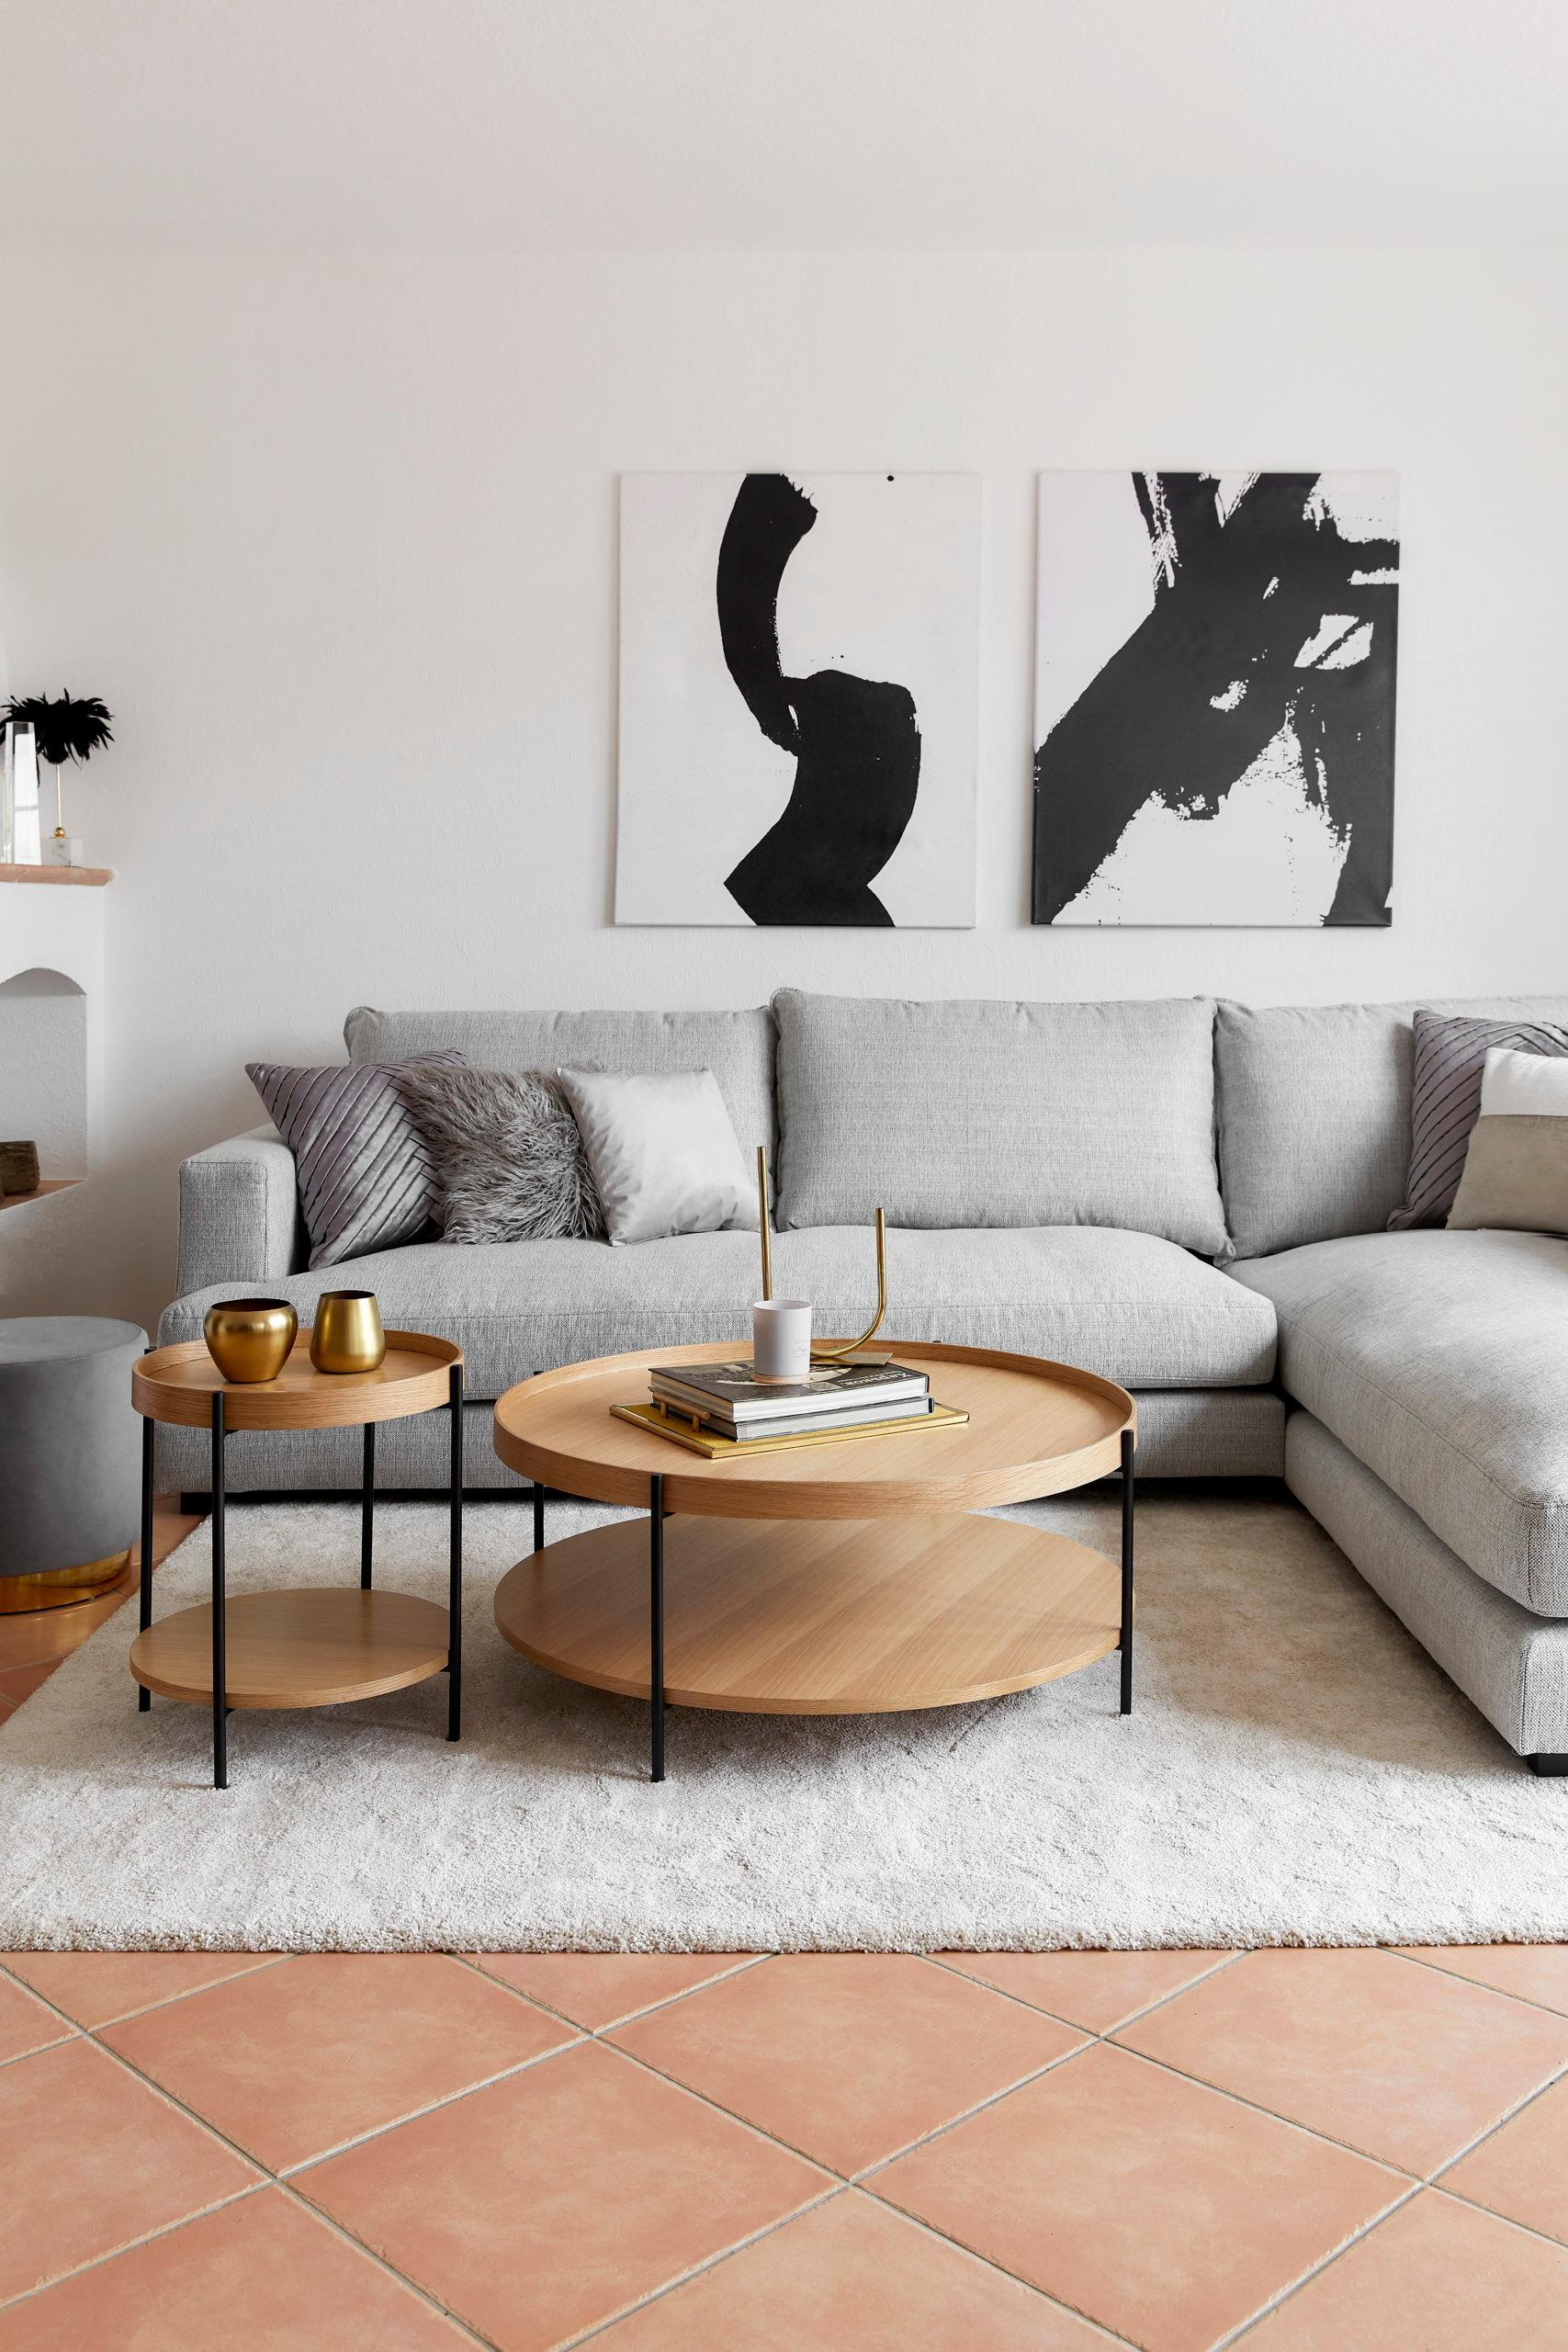 Witte woonkamer met grijze bank en houten salontafels op een grijs kleed